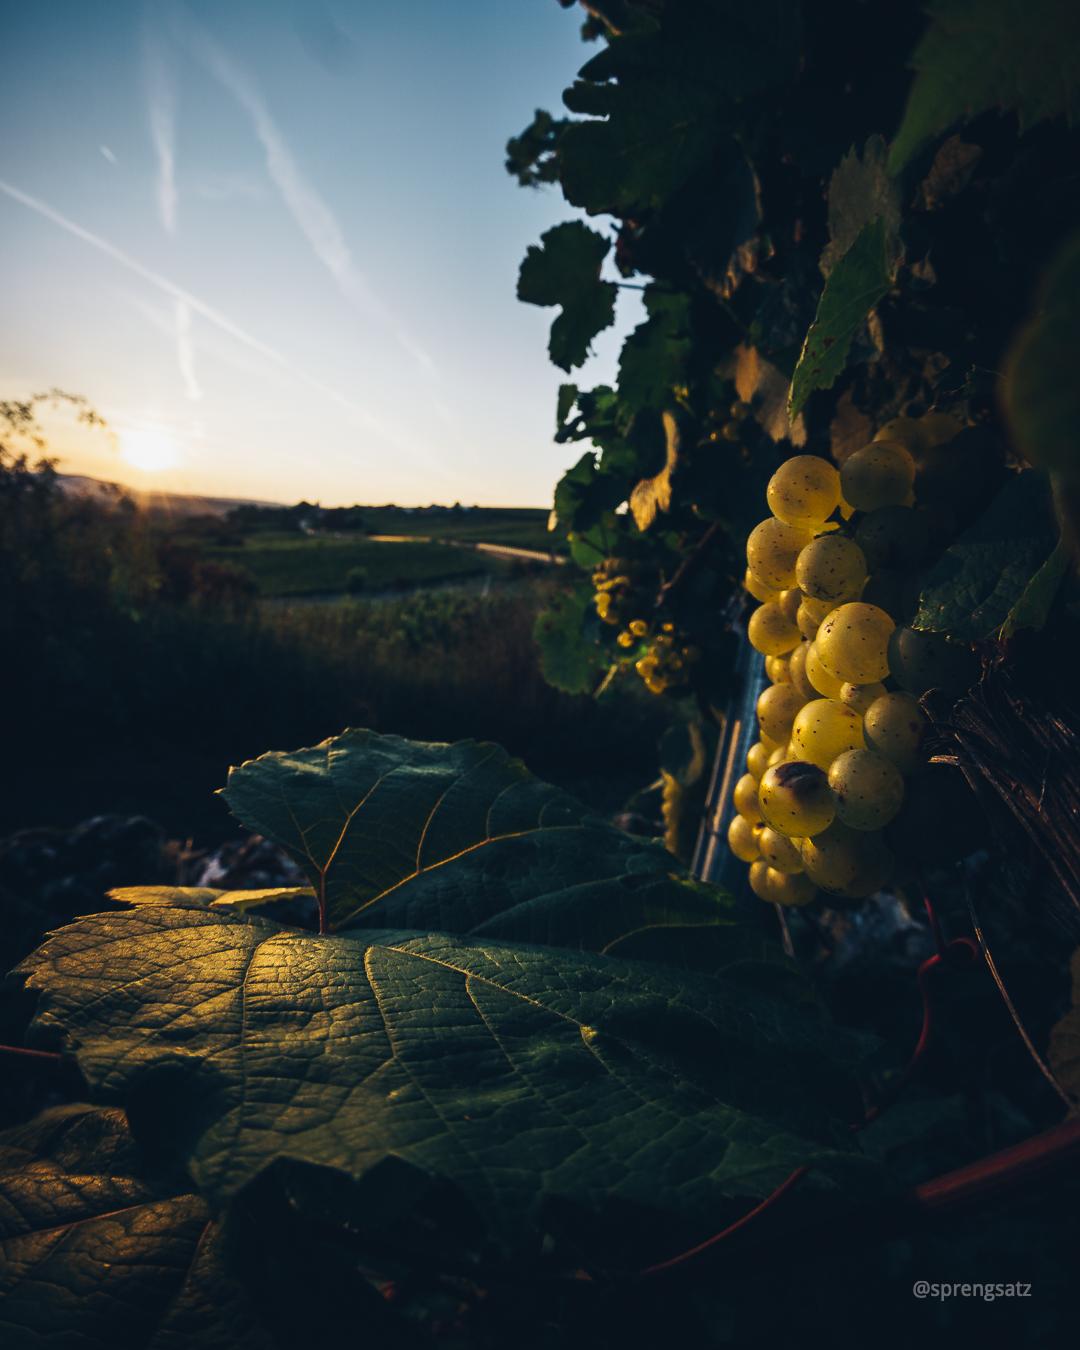 Trauben an einer Weinrebe im Zellertal bei Sonnenuntergang